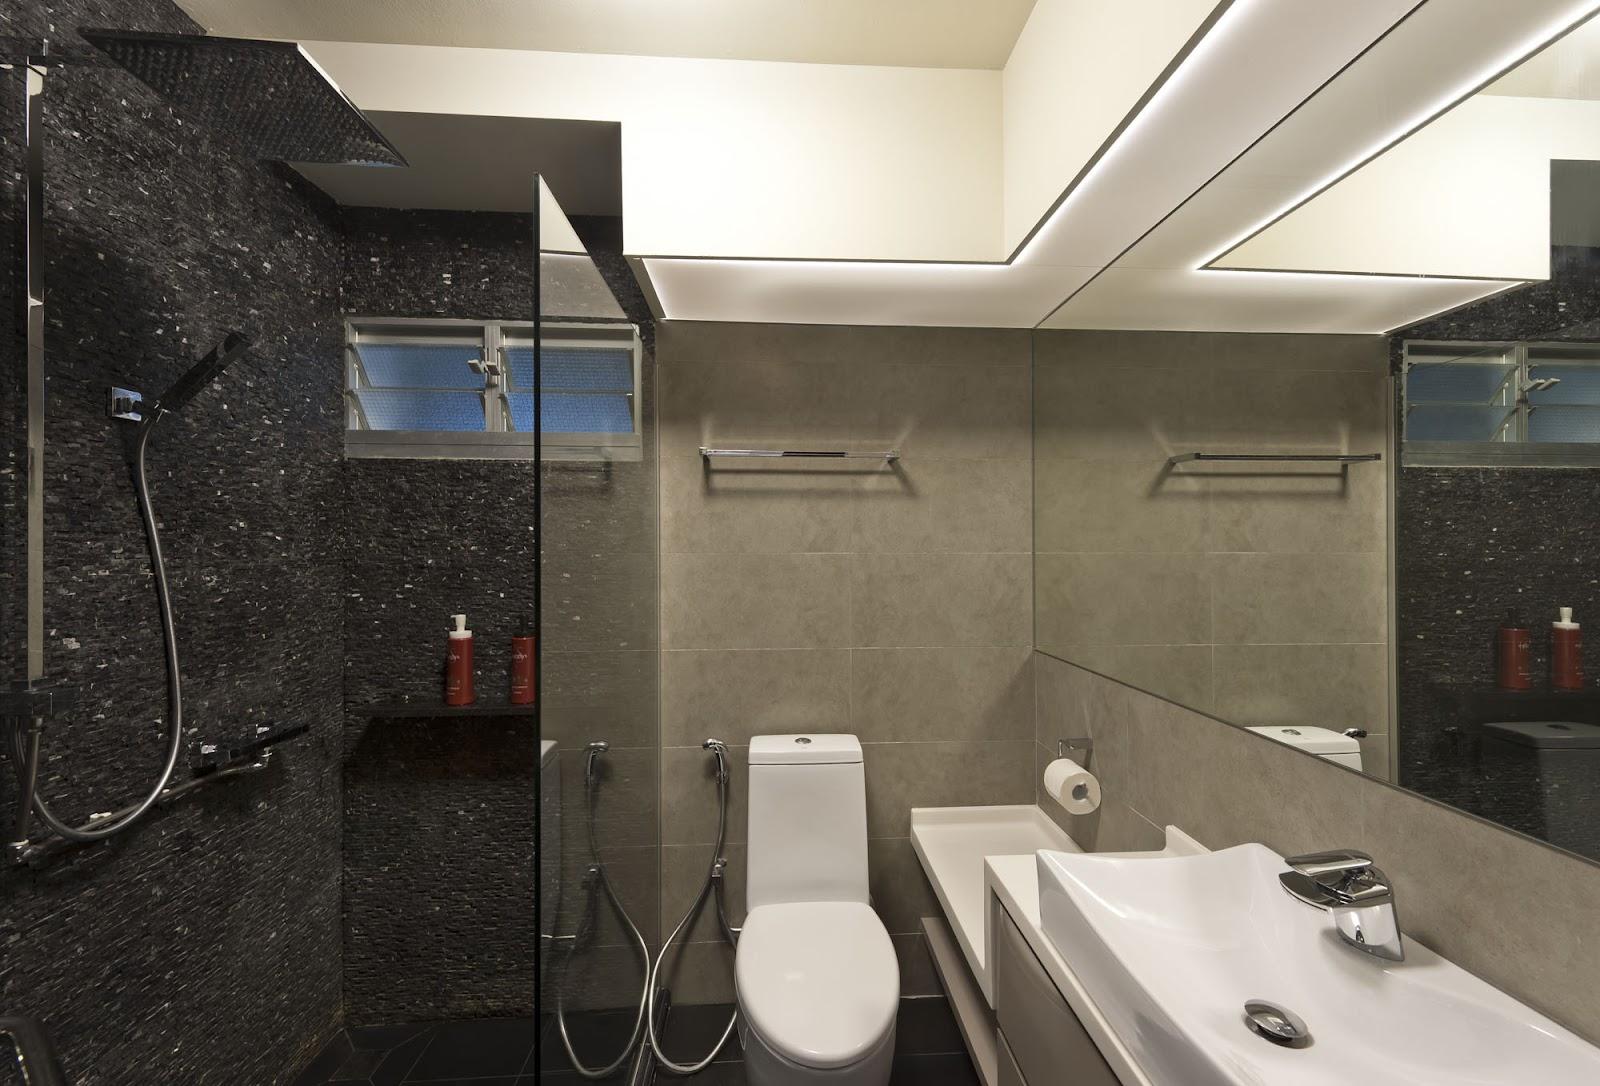 Rezt Relax Interior Design 4 Room Hdb Yishun